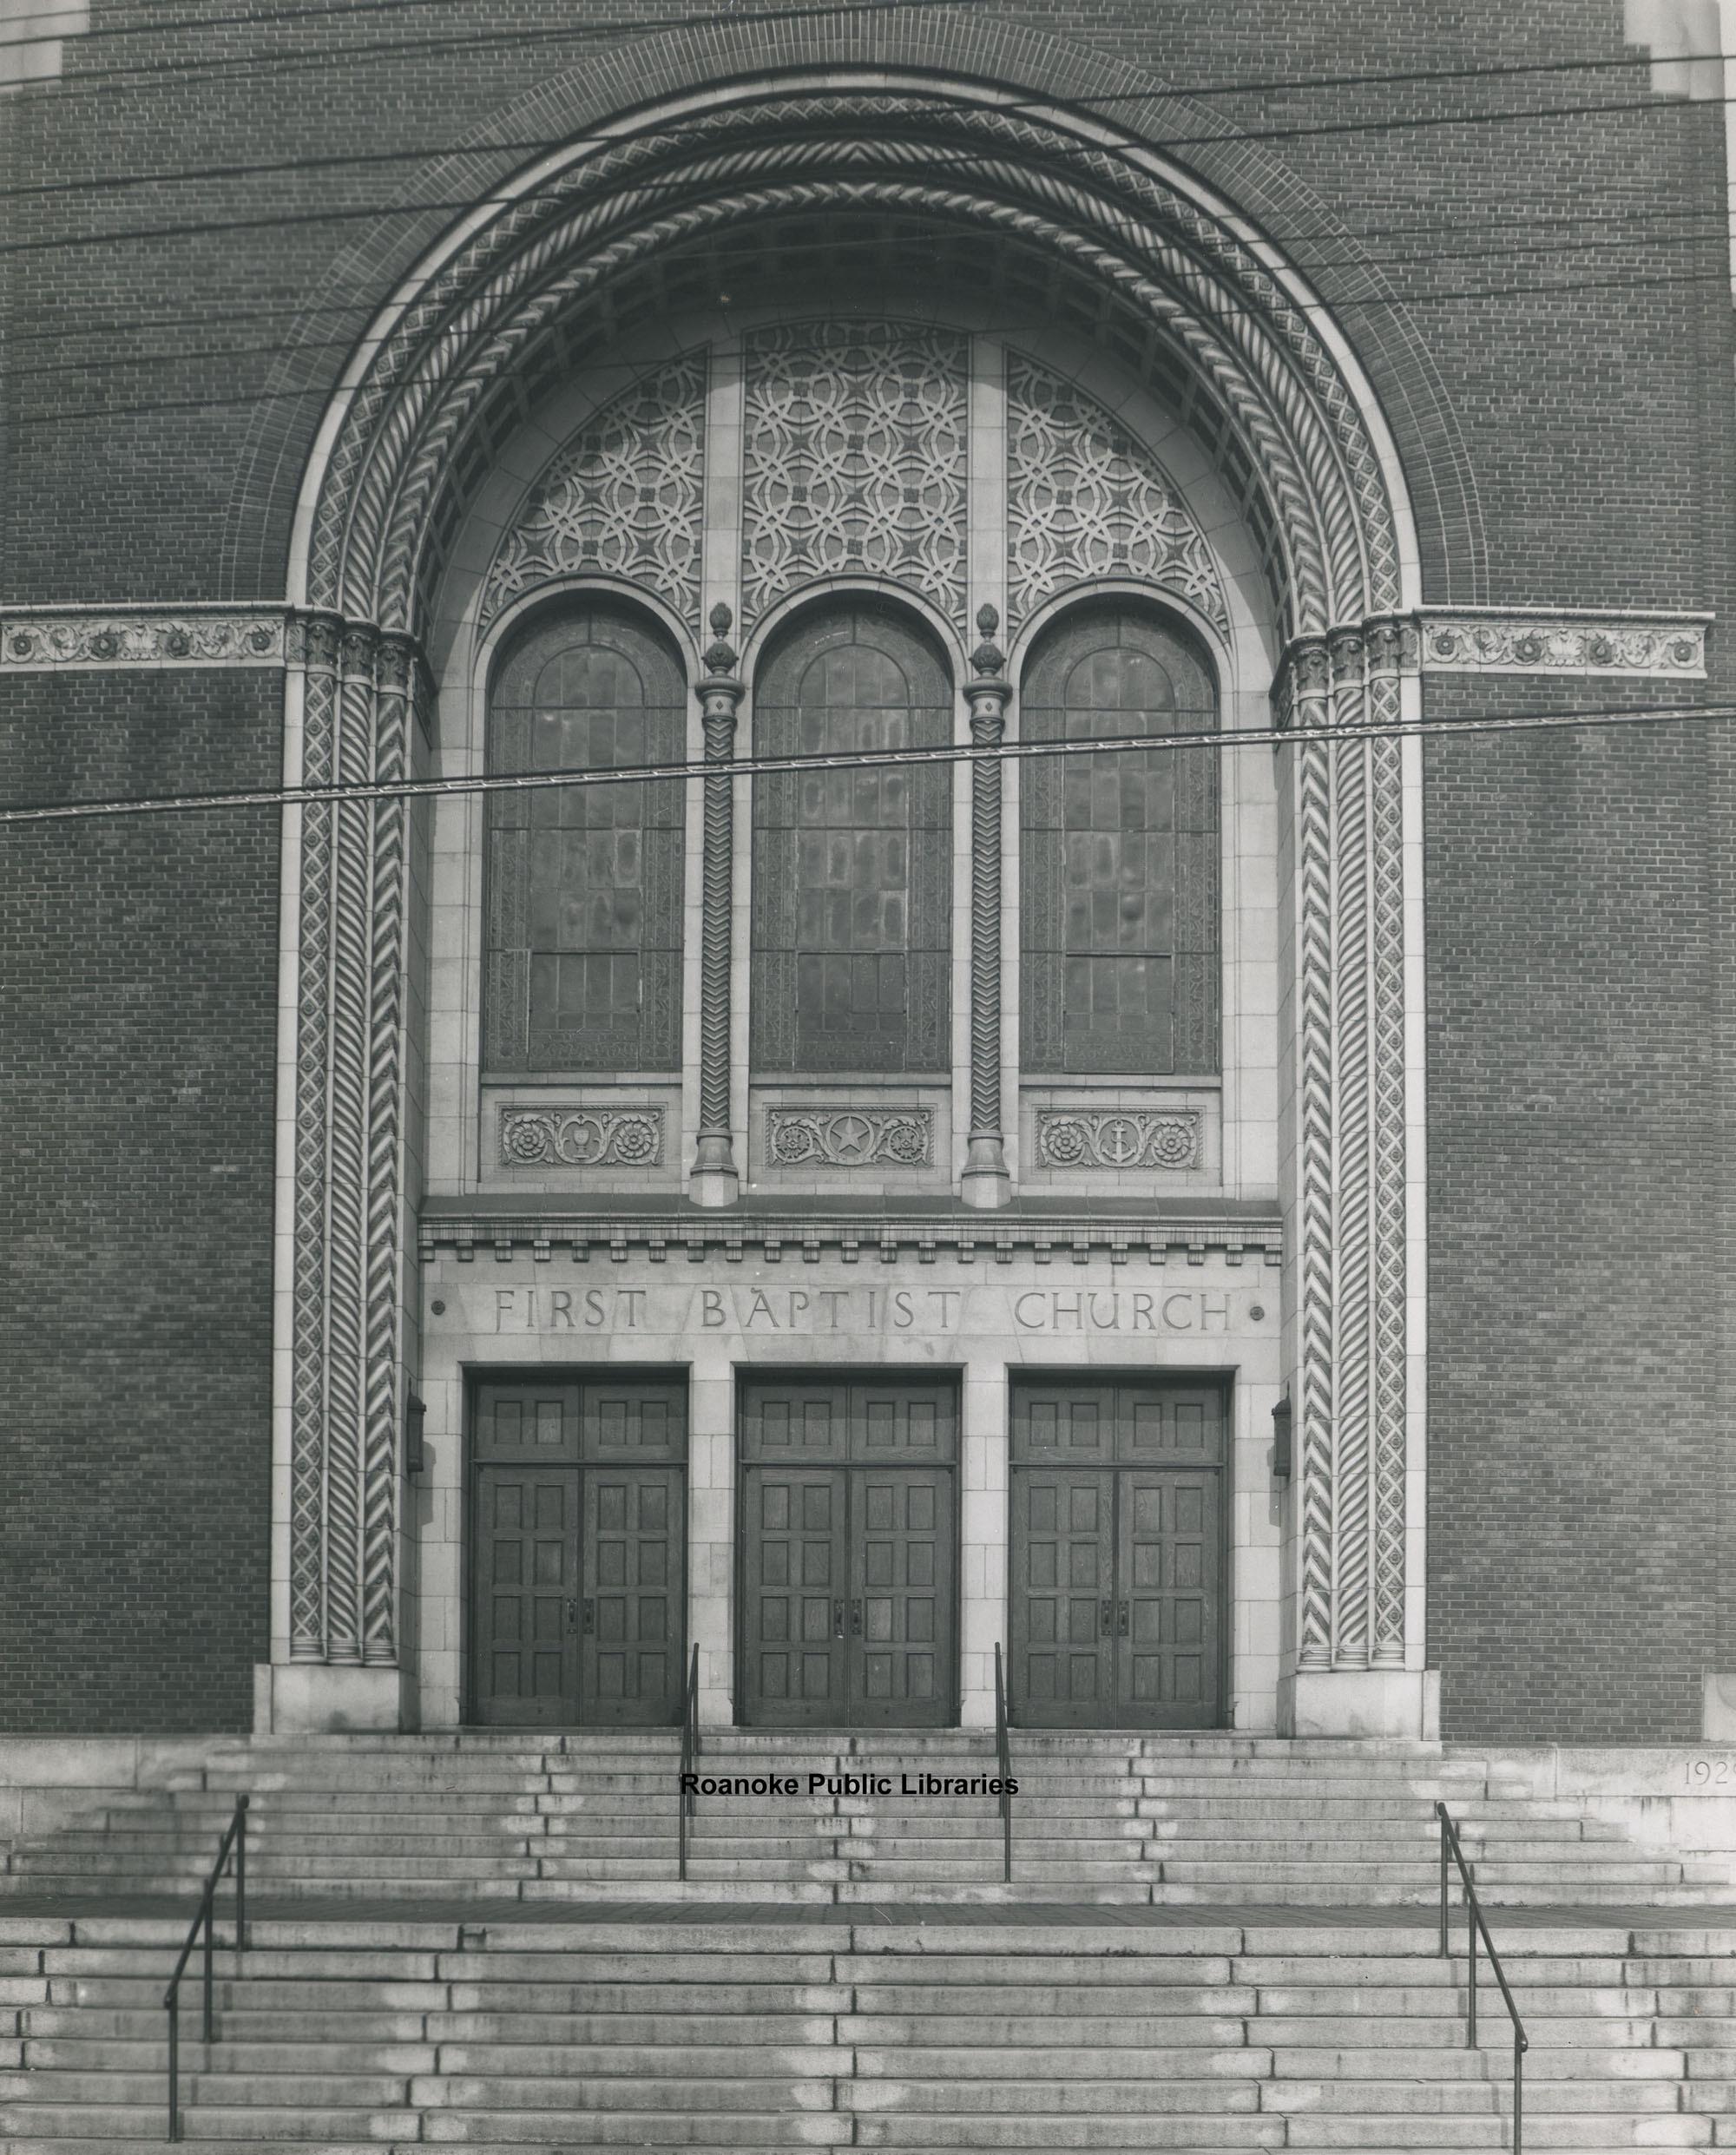 Davis 21.215 First Baptist Church doors.jpg